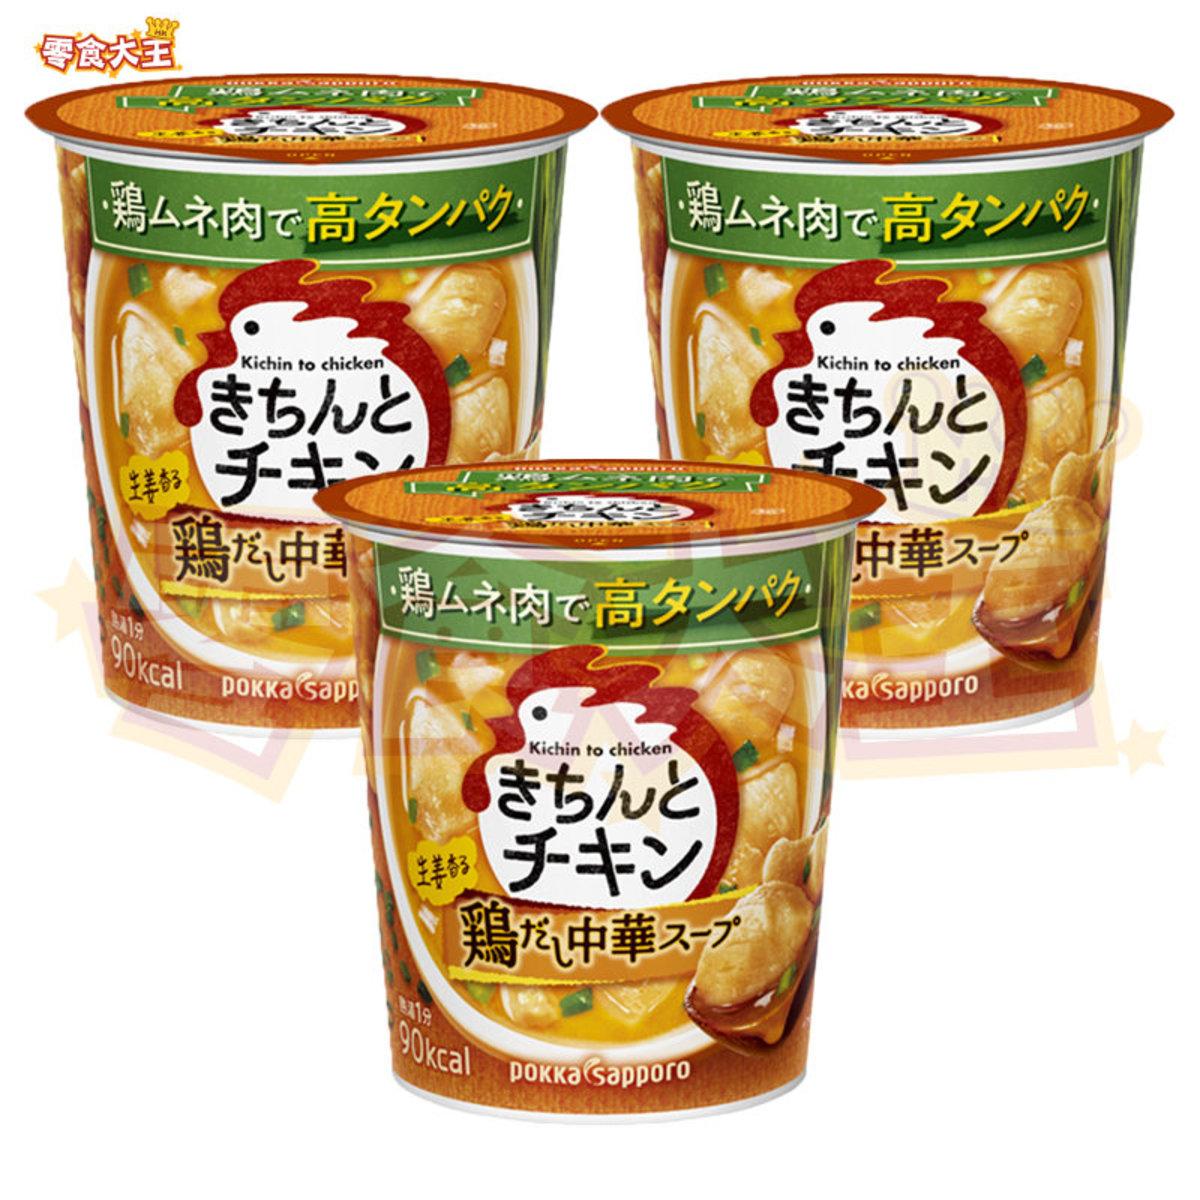 雞胸肉薑味雞湯 23g x 3杯 (4589850823985_3)